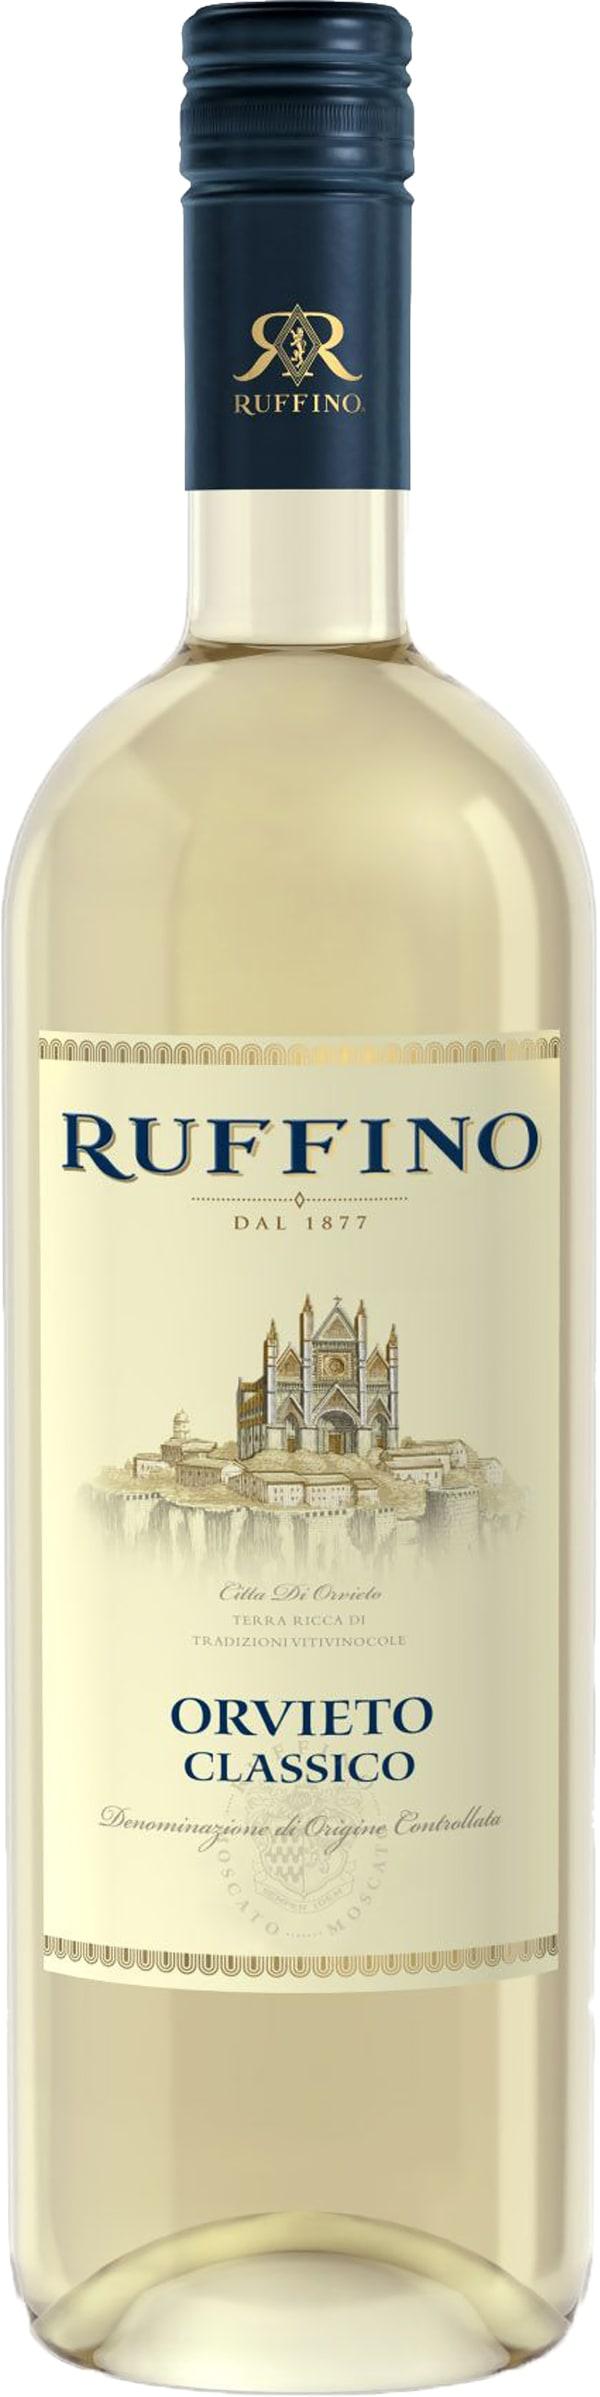 Ruffino Orvieto Classico 2018